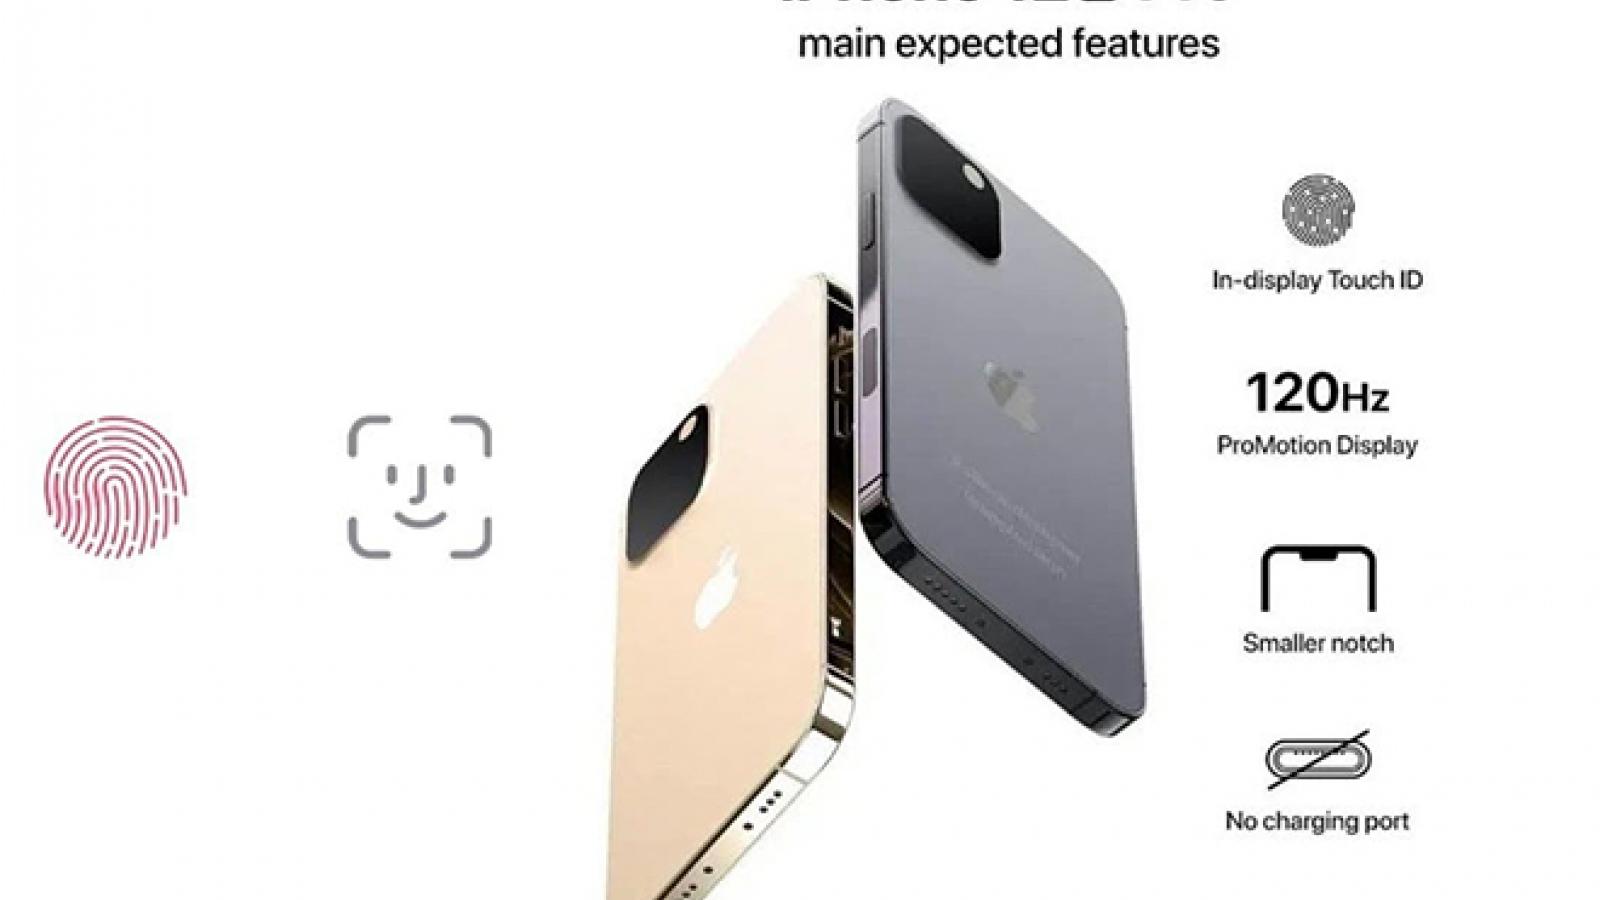 Sức mạnh chip iPhone 13 khiến iFan đứng ngồi không yên